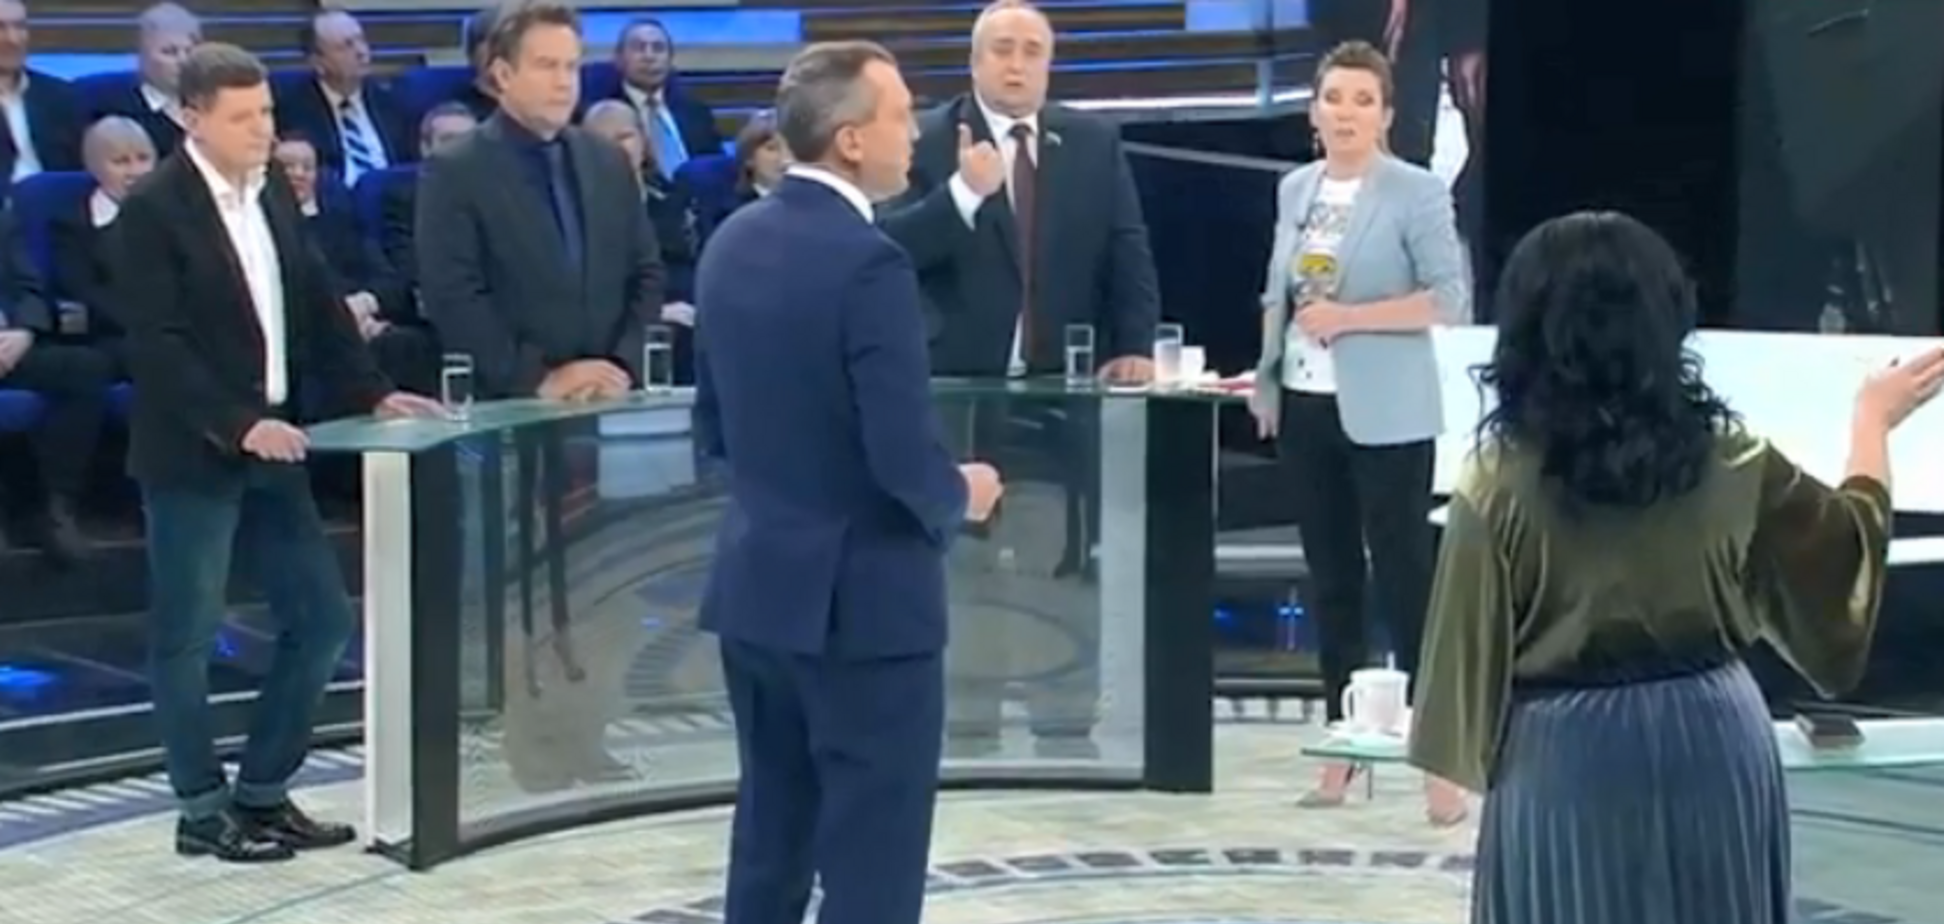 ''Отвечу как проктологу'': украинка взбесила скандального сенатора России на КремльТВ